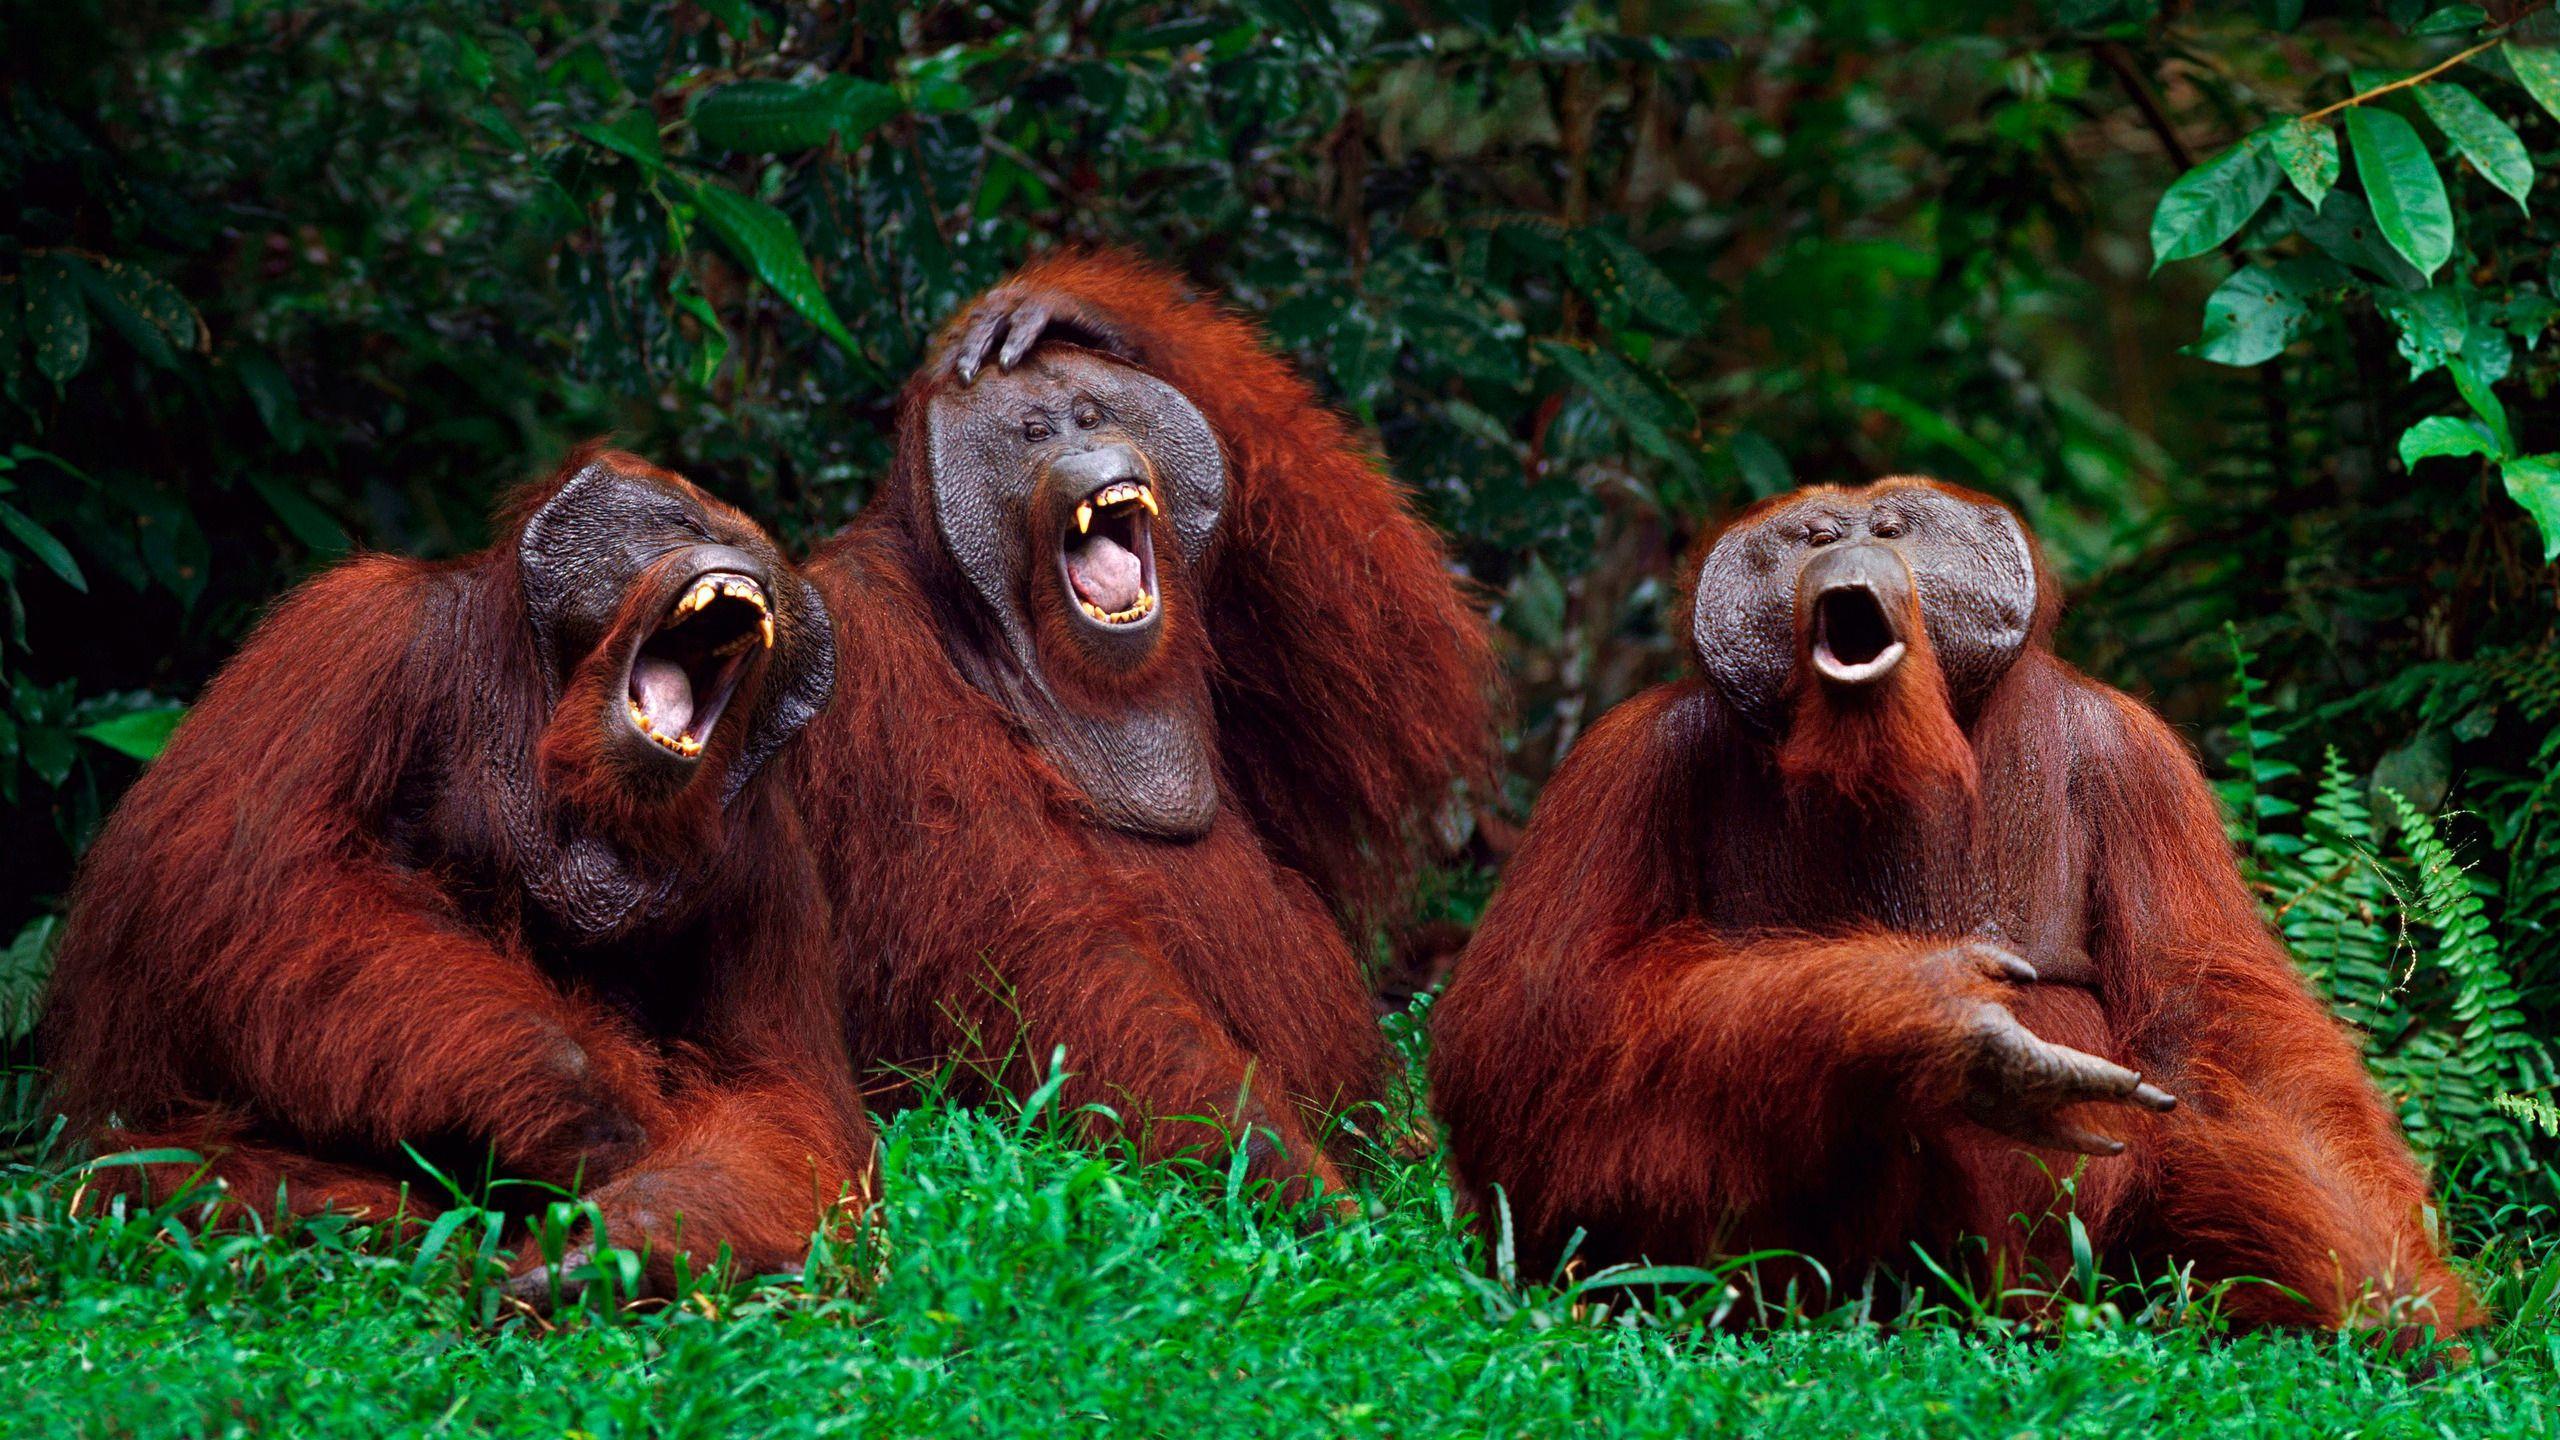 Выяснилось, что гораздо больше животных умеет смеяться, чем предполагалось